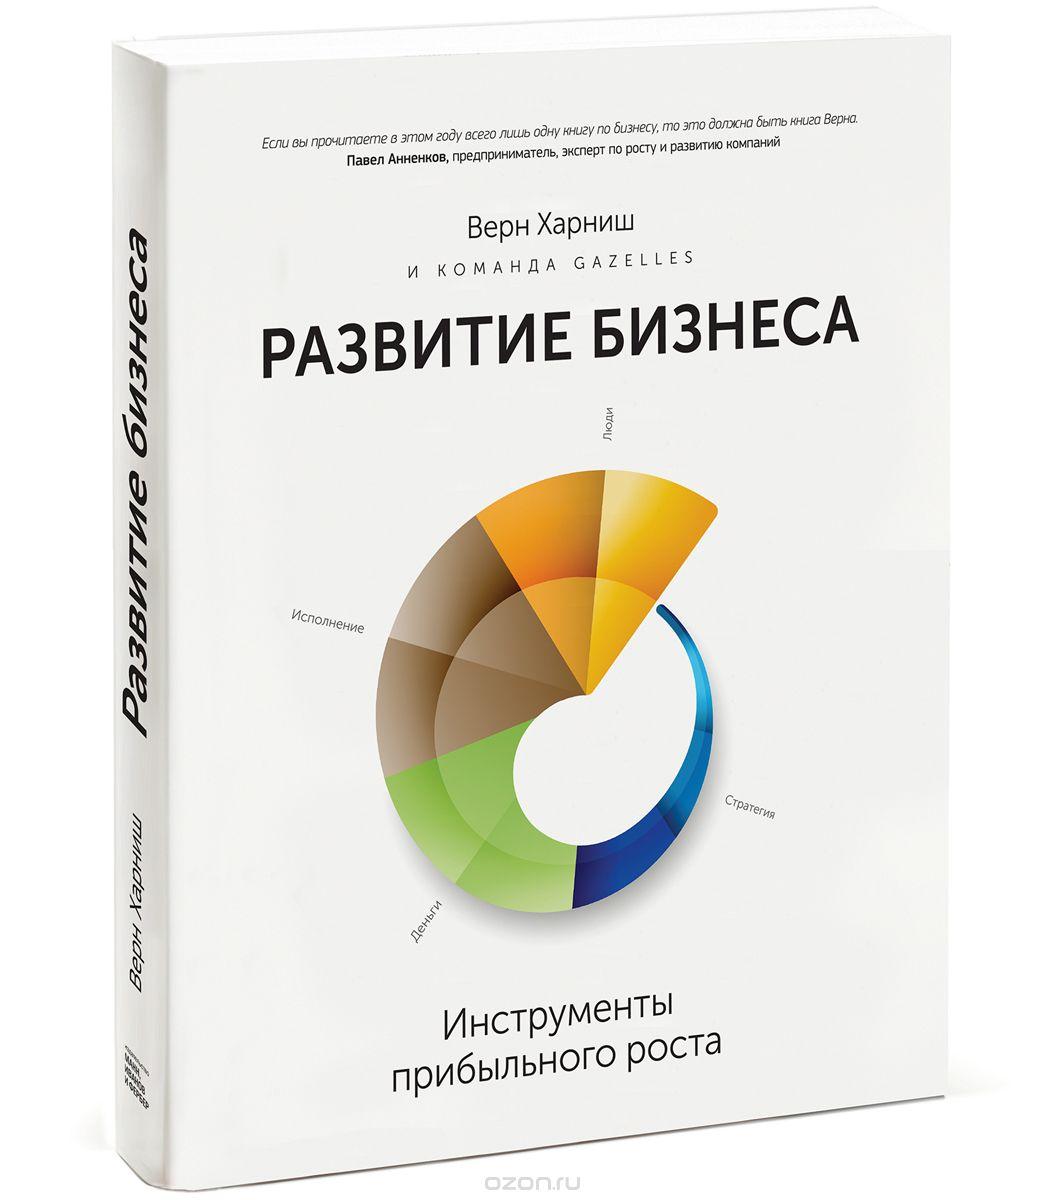 Развитие бизнеса.  Инструменты прибыльного роста